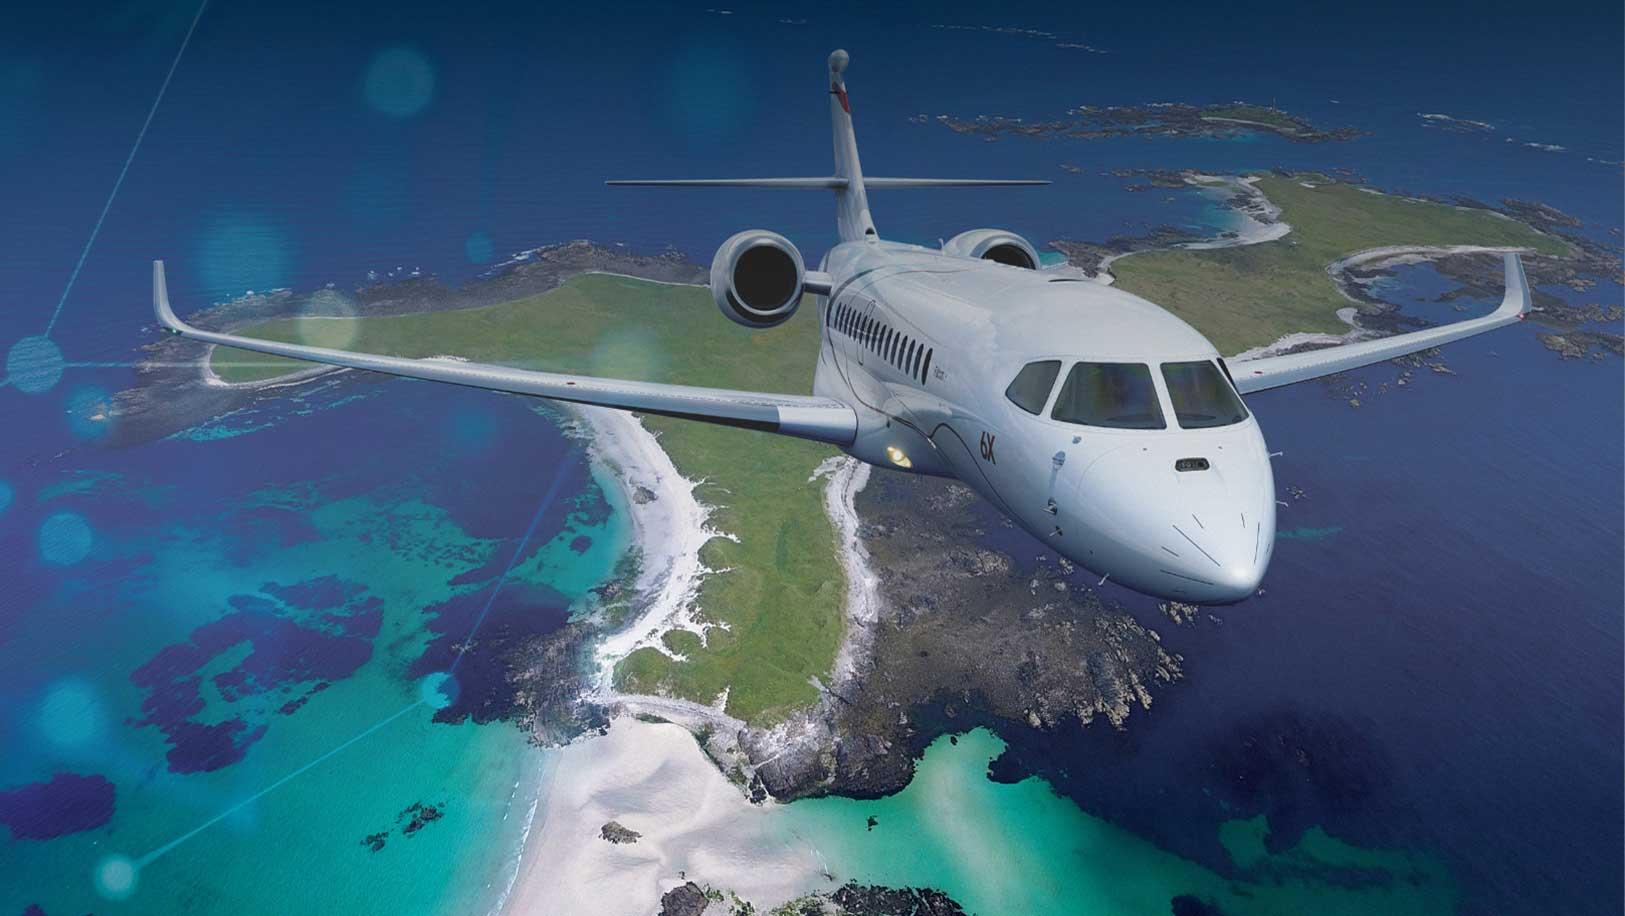 Dassault 6x